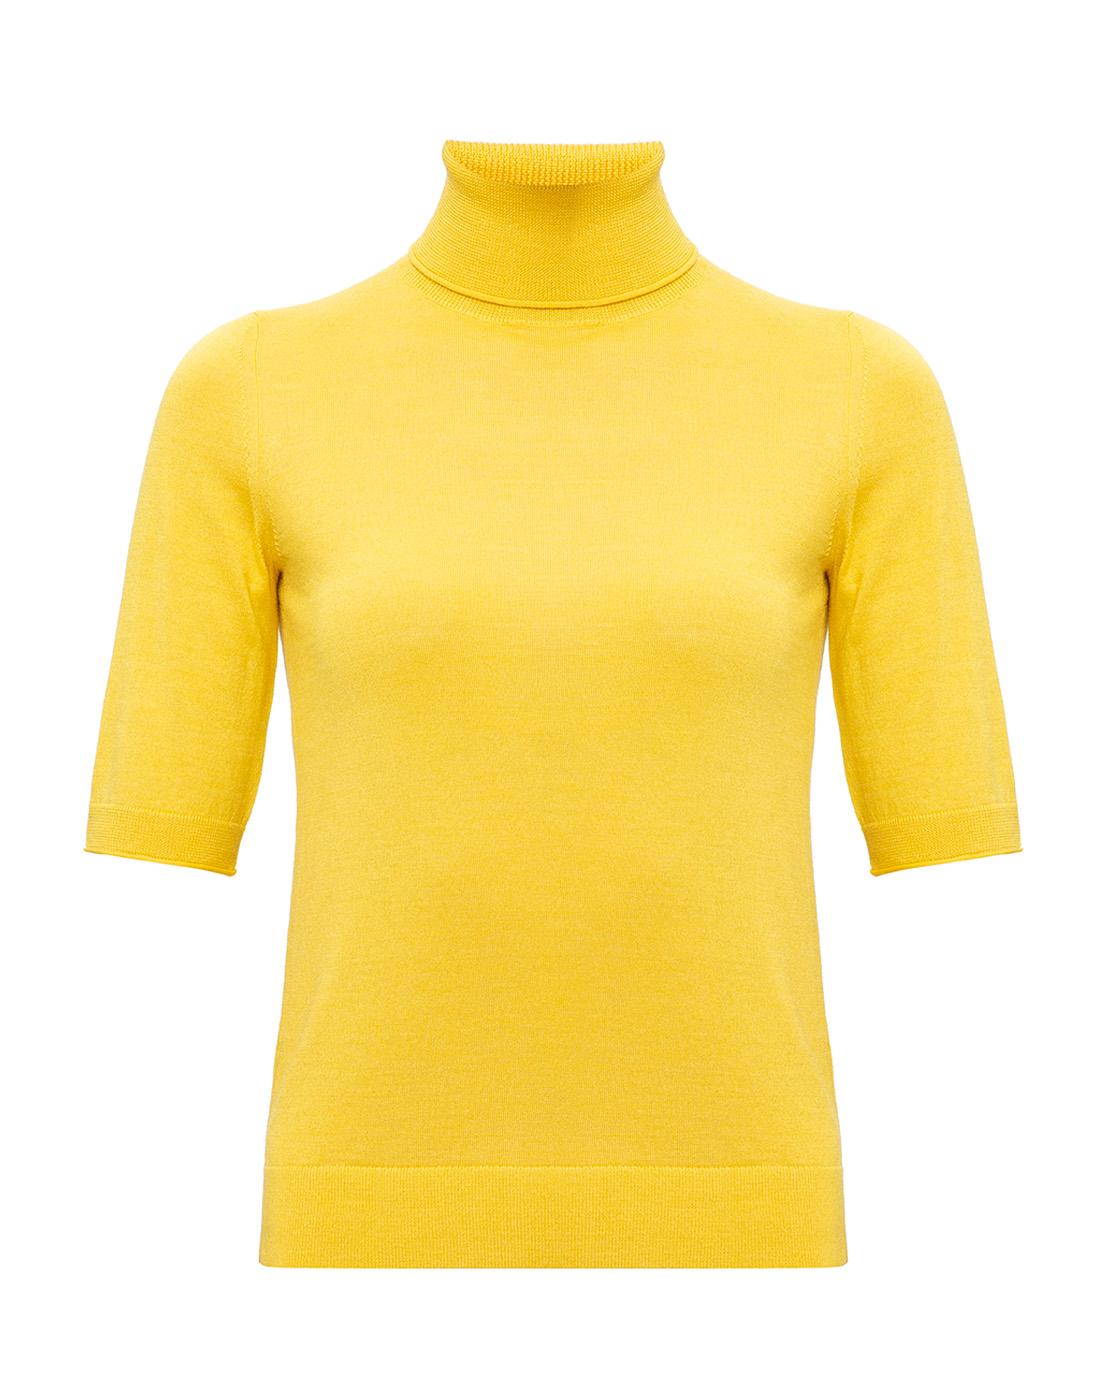 Женский желтый джемпер  Dorothee Schumacher S610802/224-1